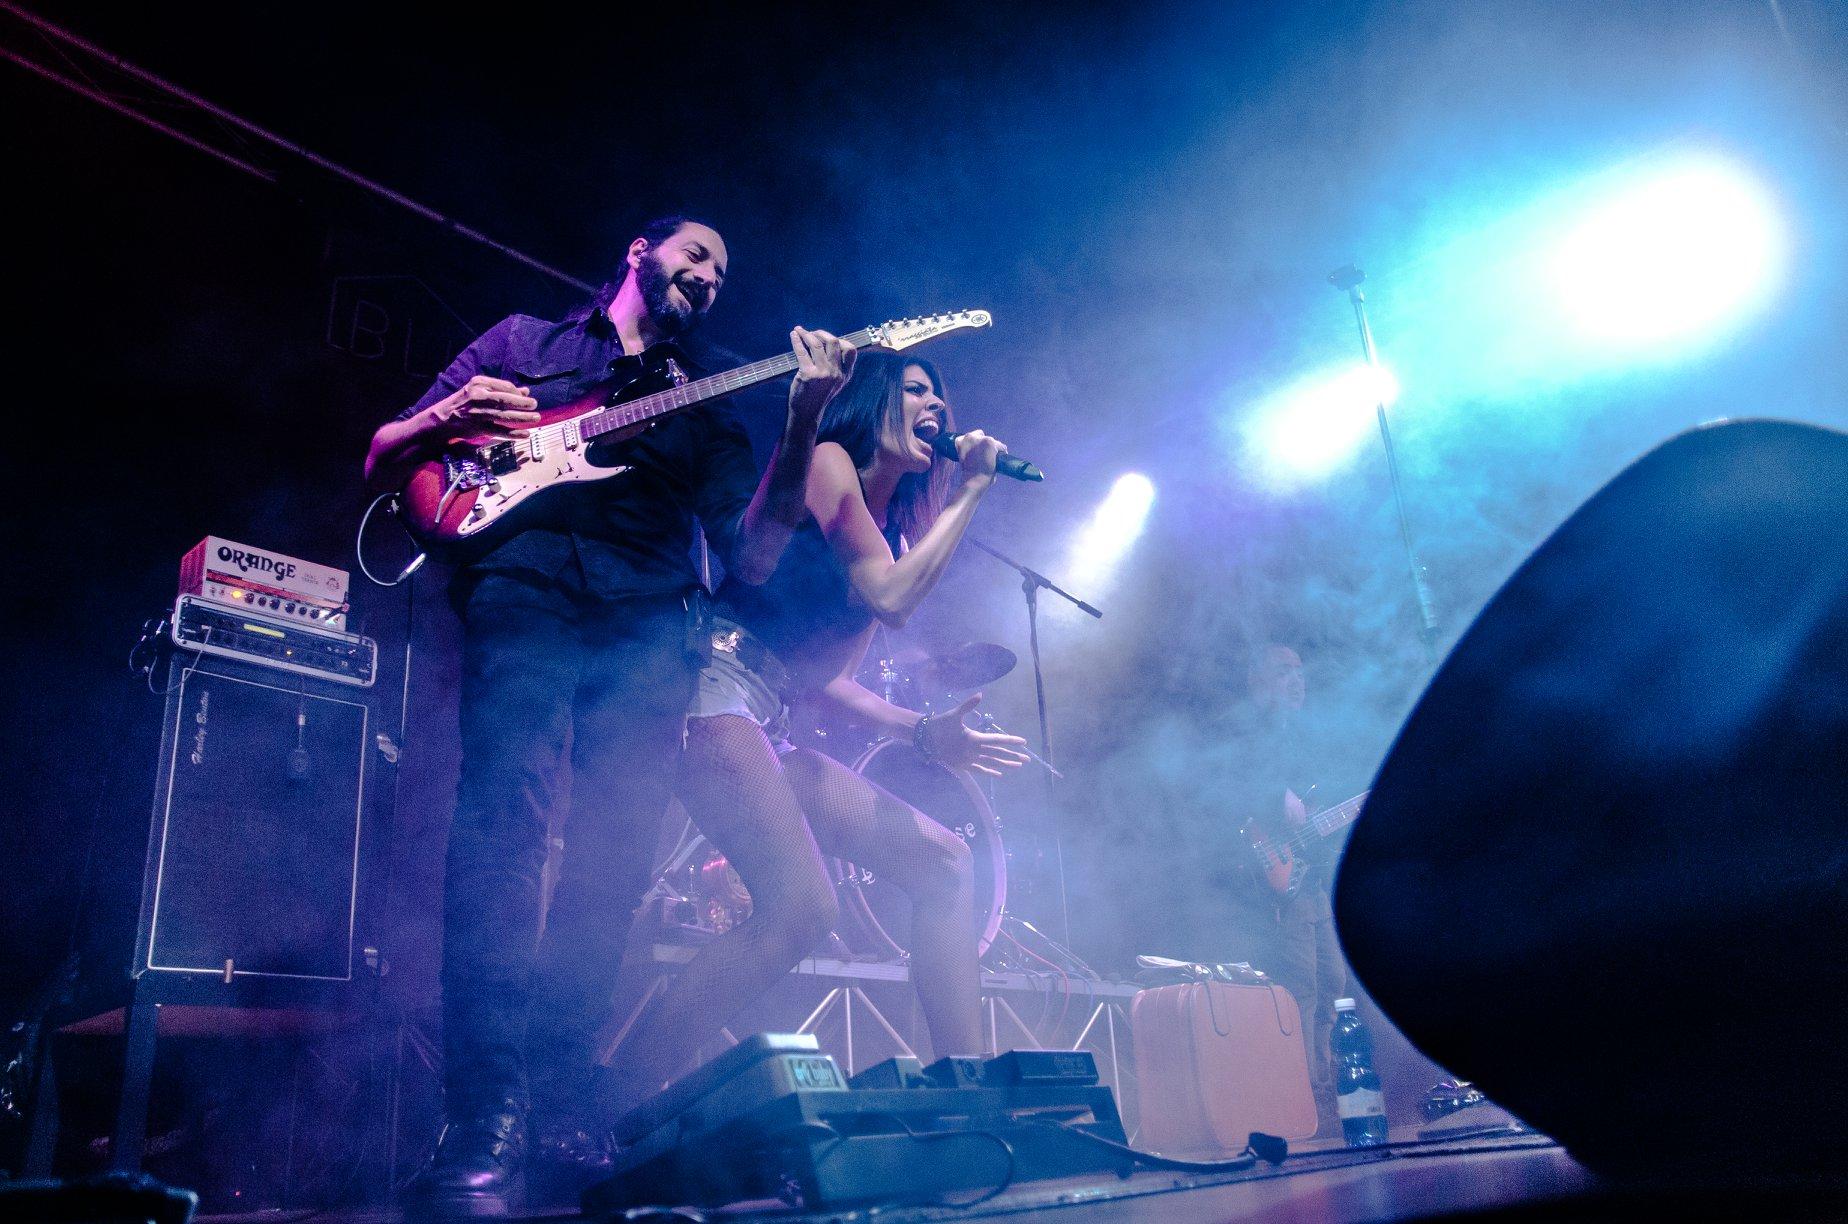 foto di concerto capolinea 24 di sharon gallo